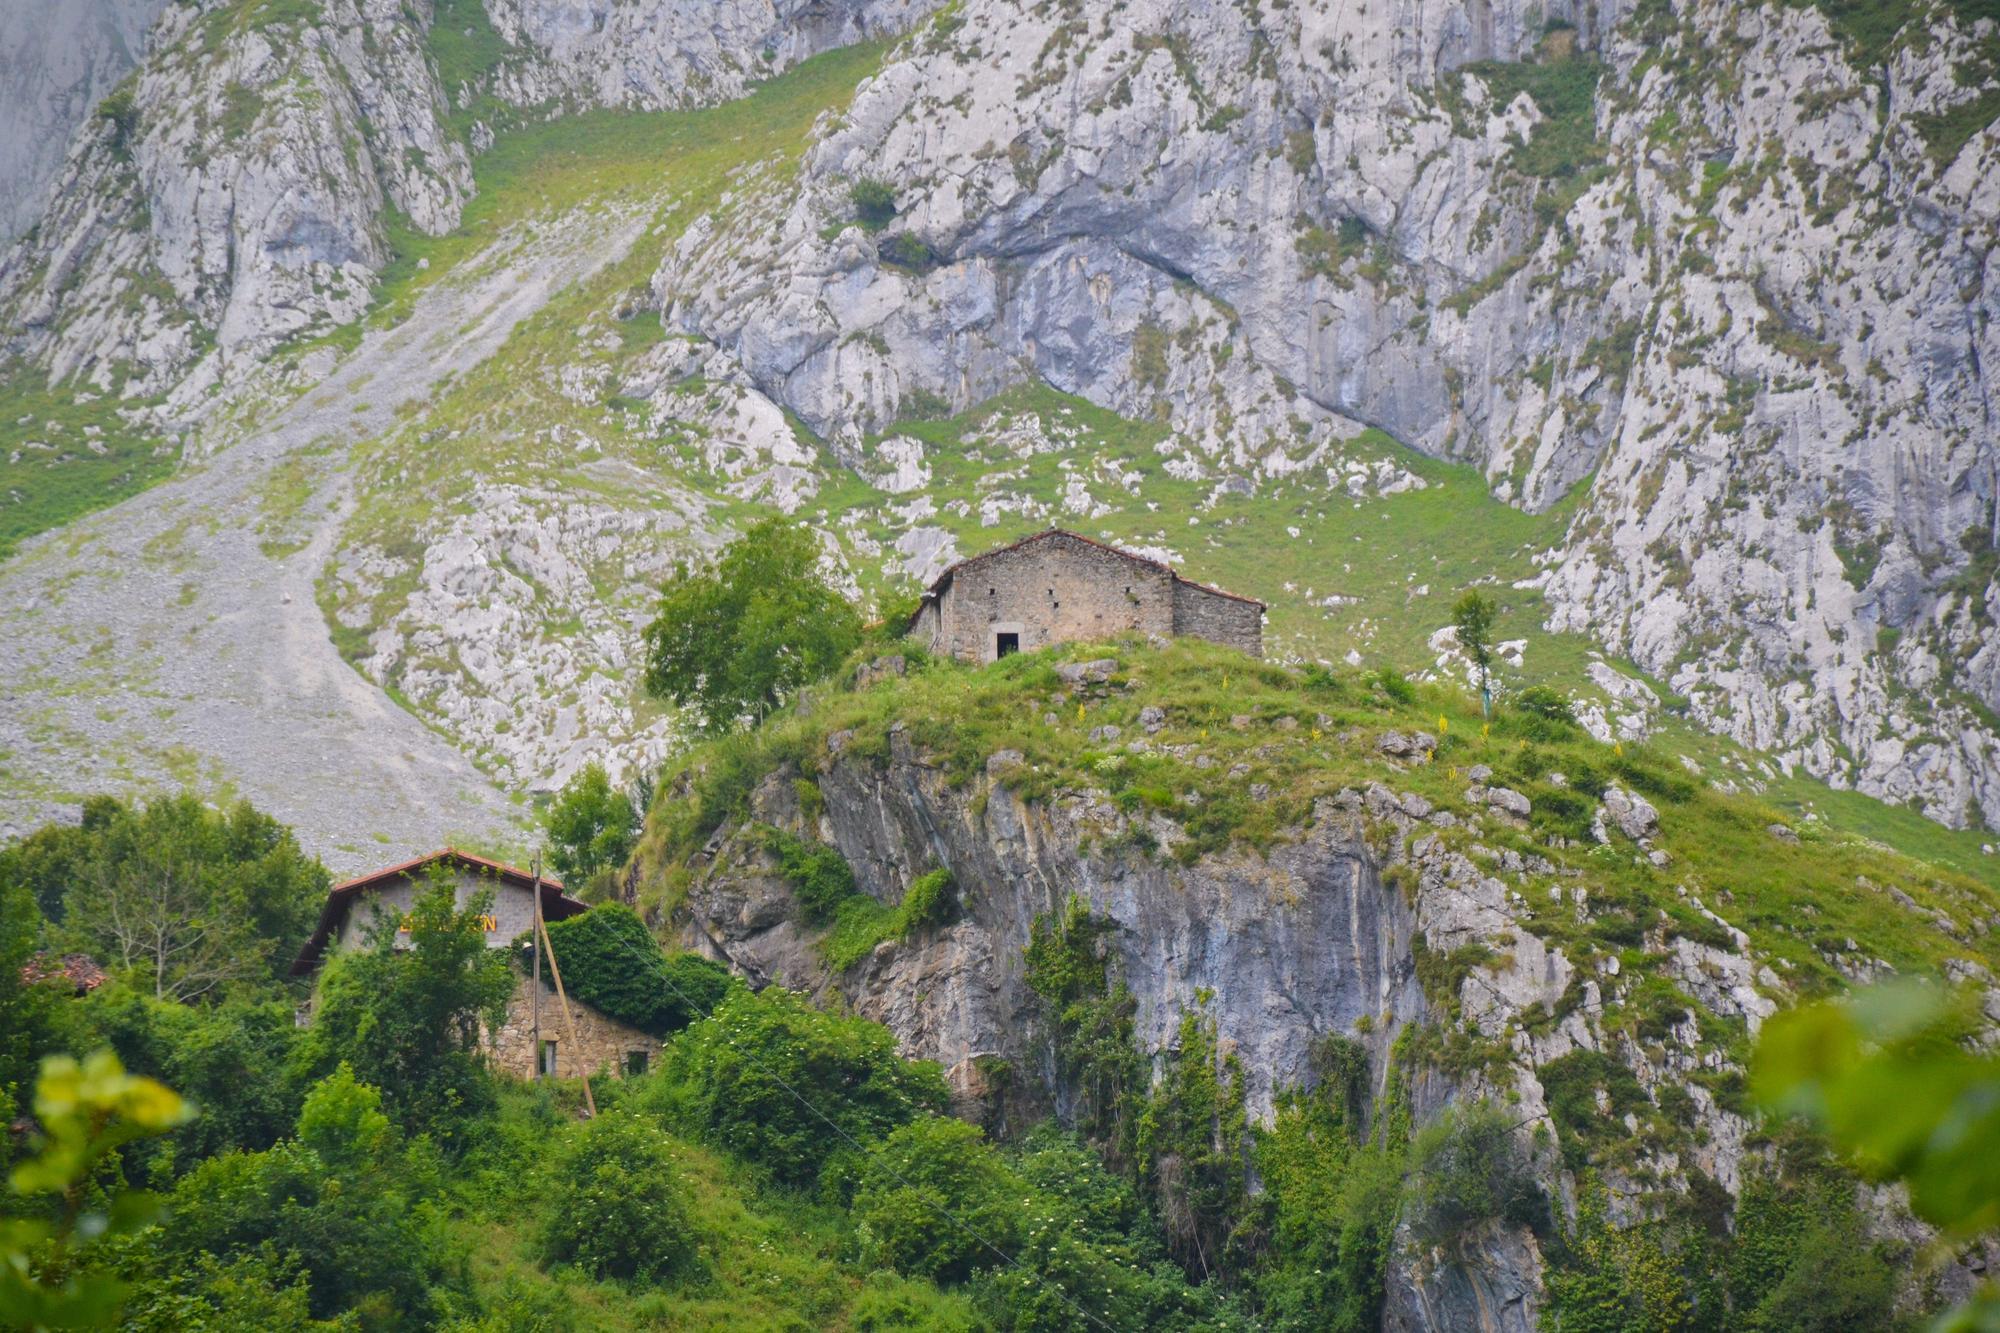 Dos de las casas de Bulnes de Arriba, vistas desde el camino de entrada a Bulnes de Abajo.